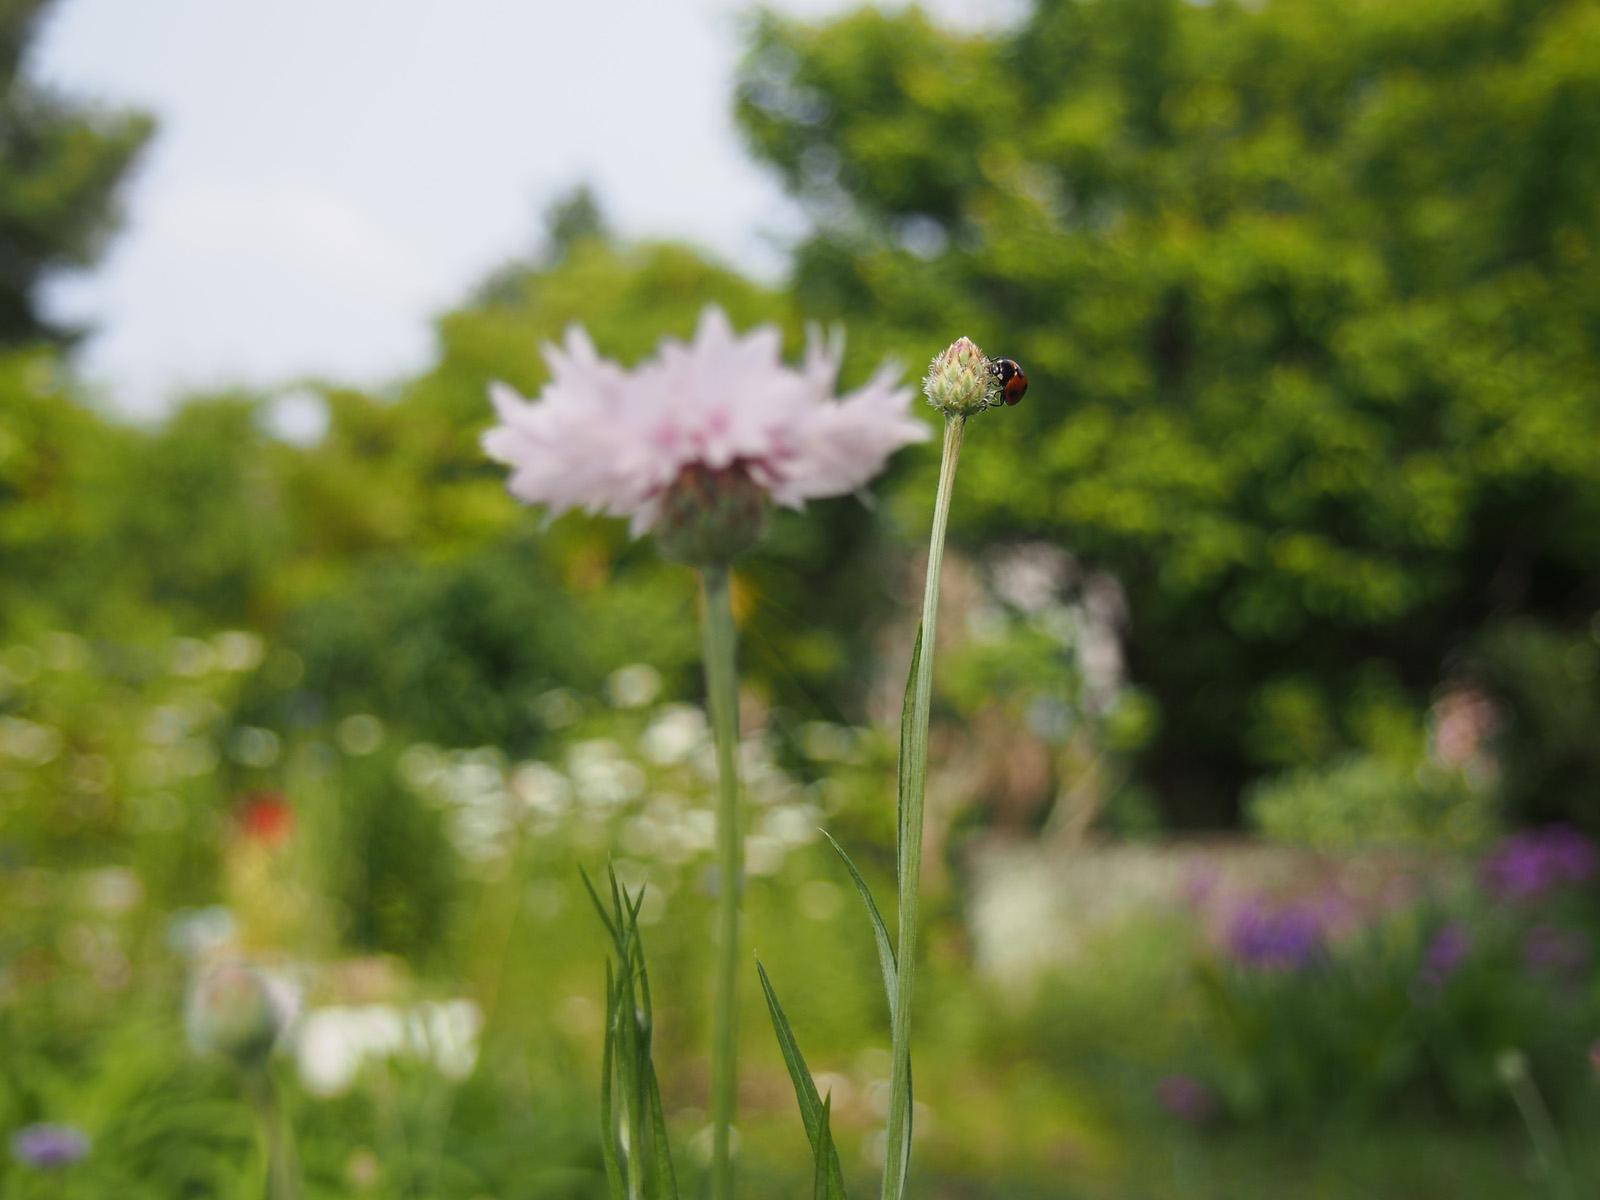 てんとう虫と矢車菊と春の庭